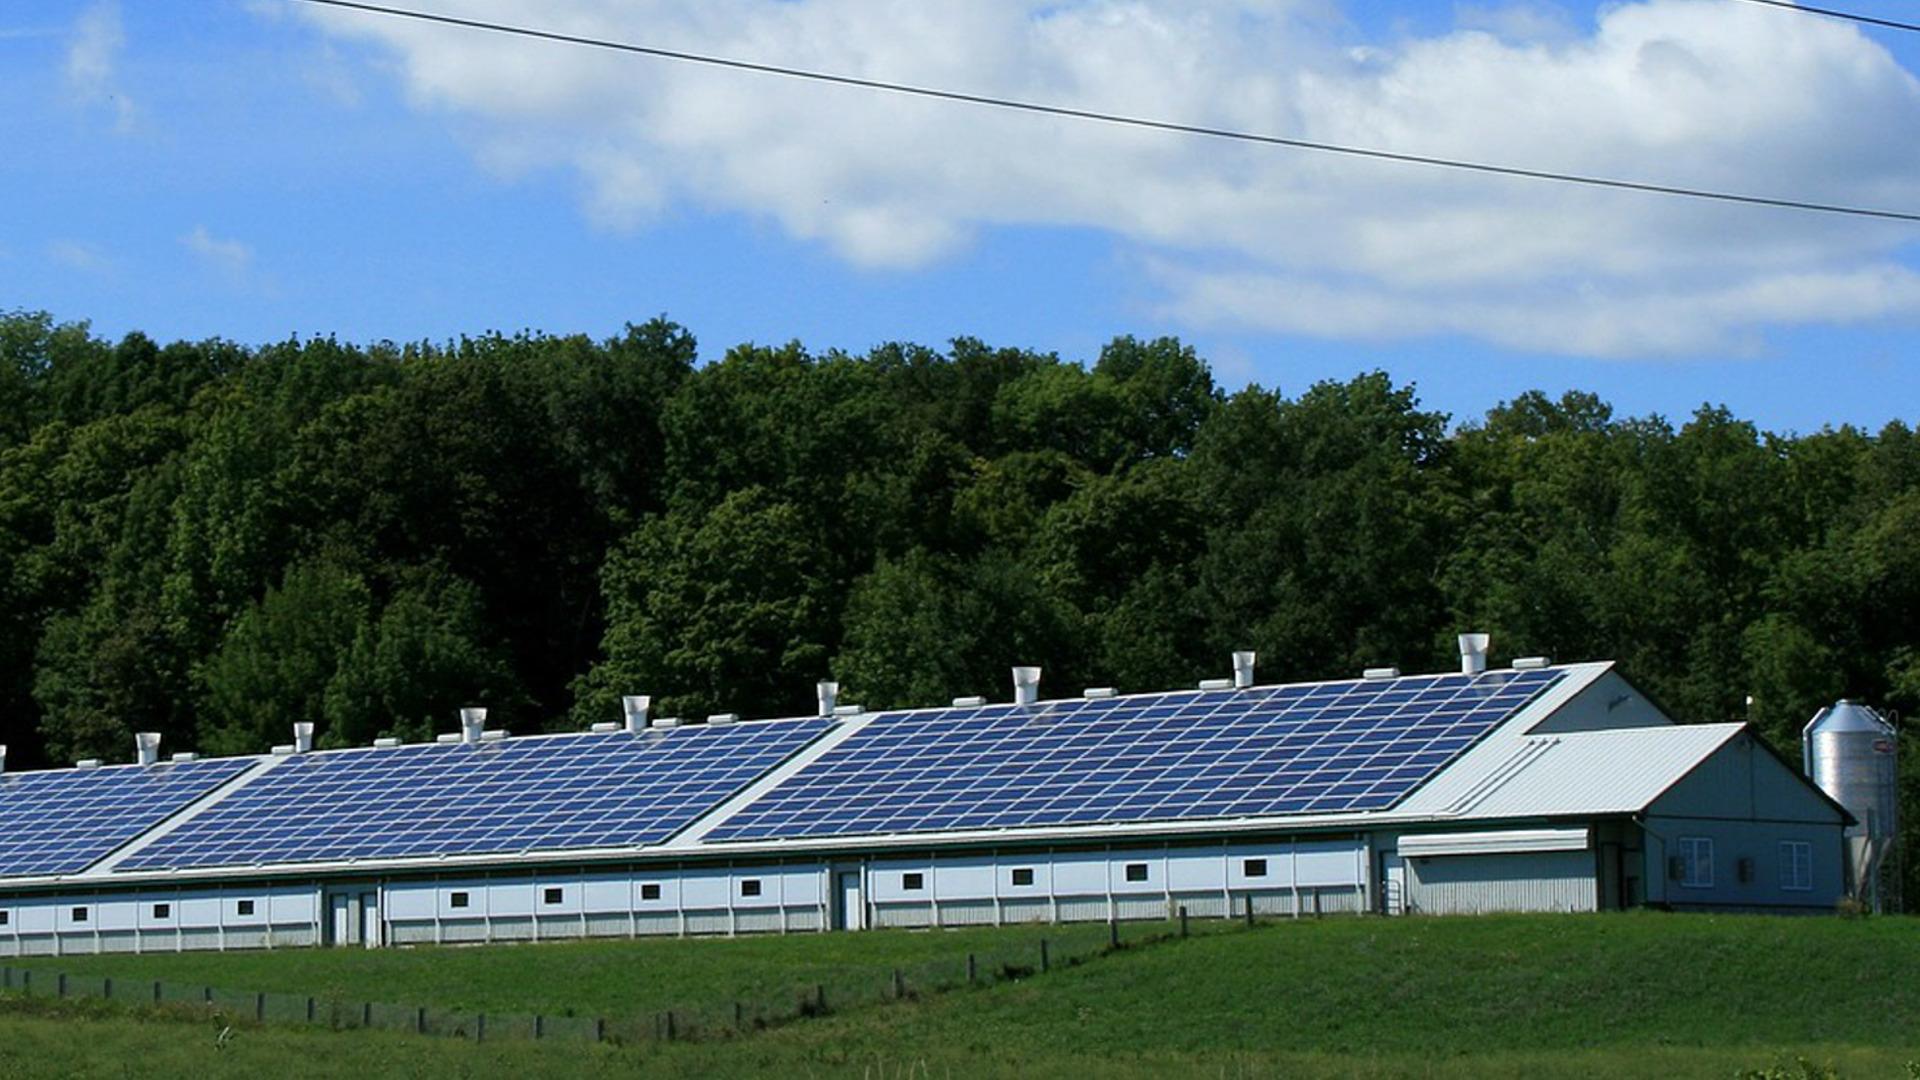 ayudas-para-instalar-energias-renovables-en-el-sector-agroganadero-1920